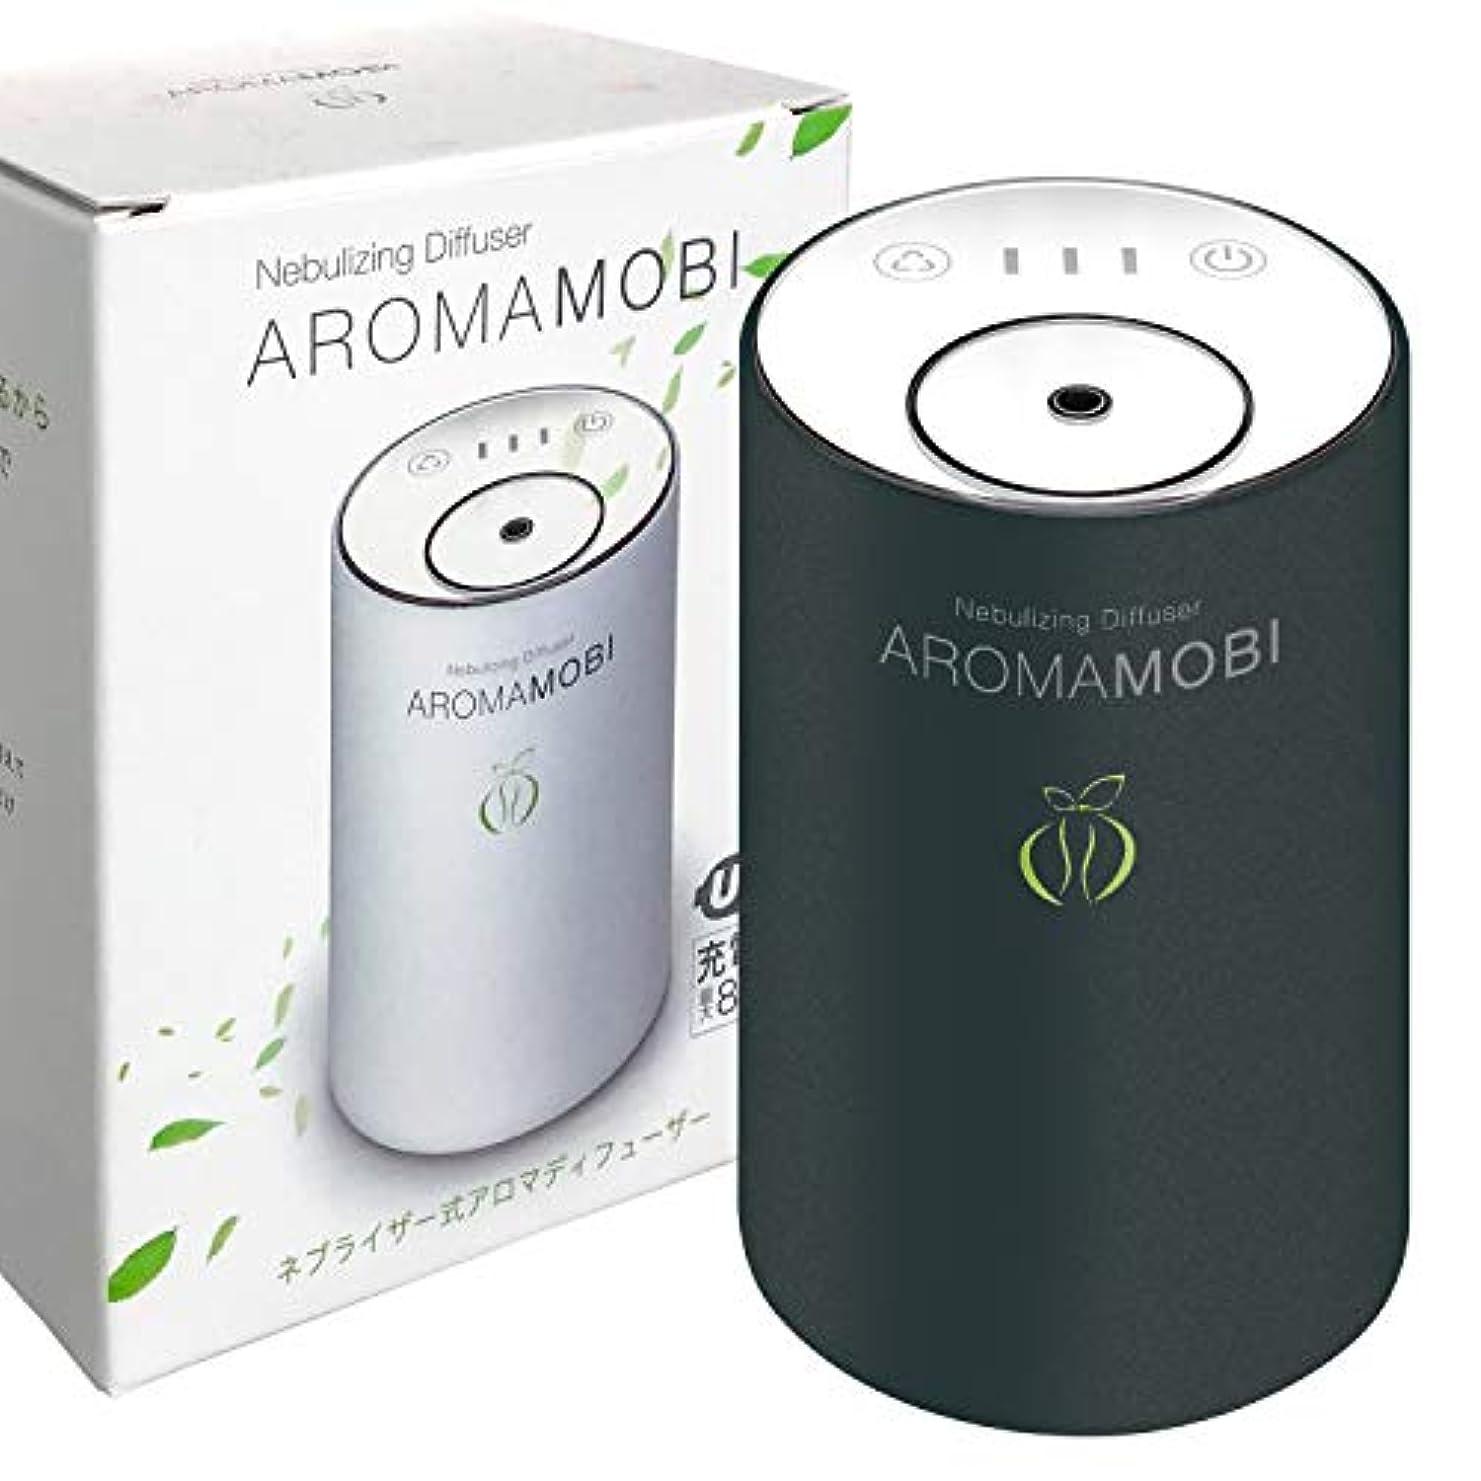 リース未亡人報酬のfunks AROMA MOBI 充電式 アロマディフューザー ネブライザー式 ブラック